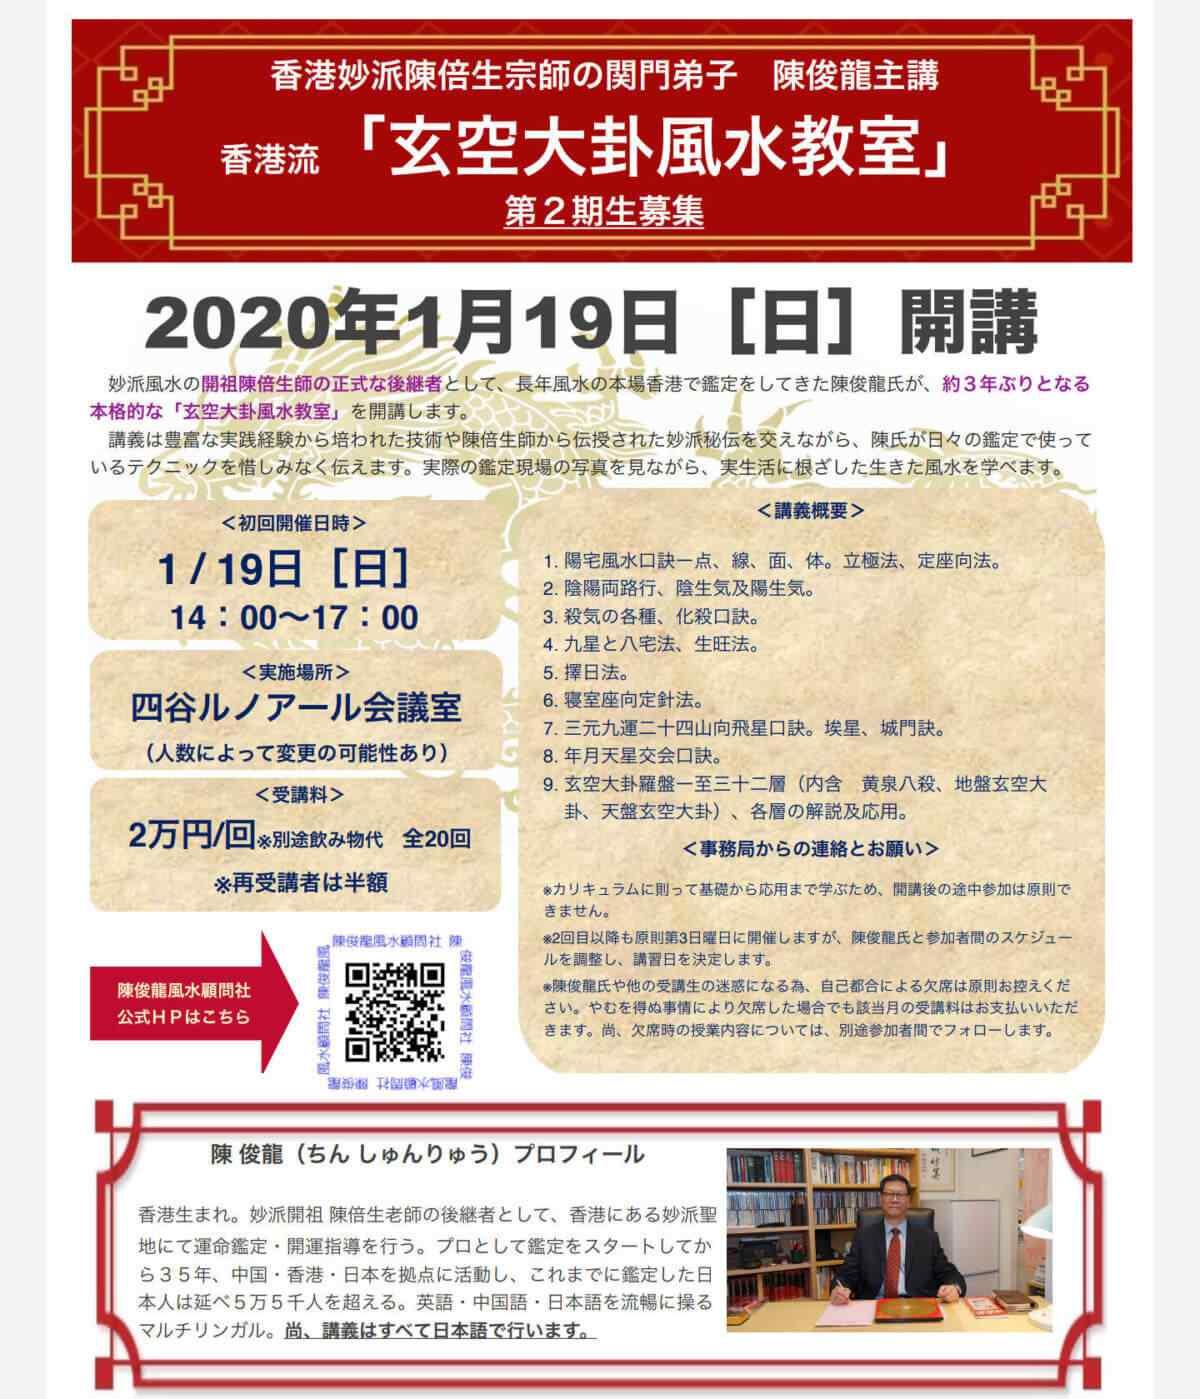 陳俊龍先生の風水講座